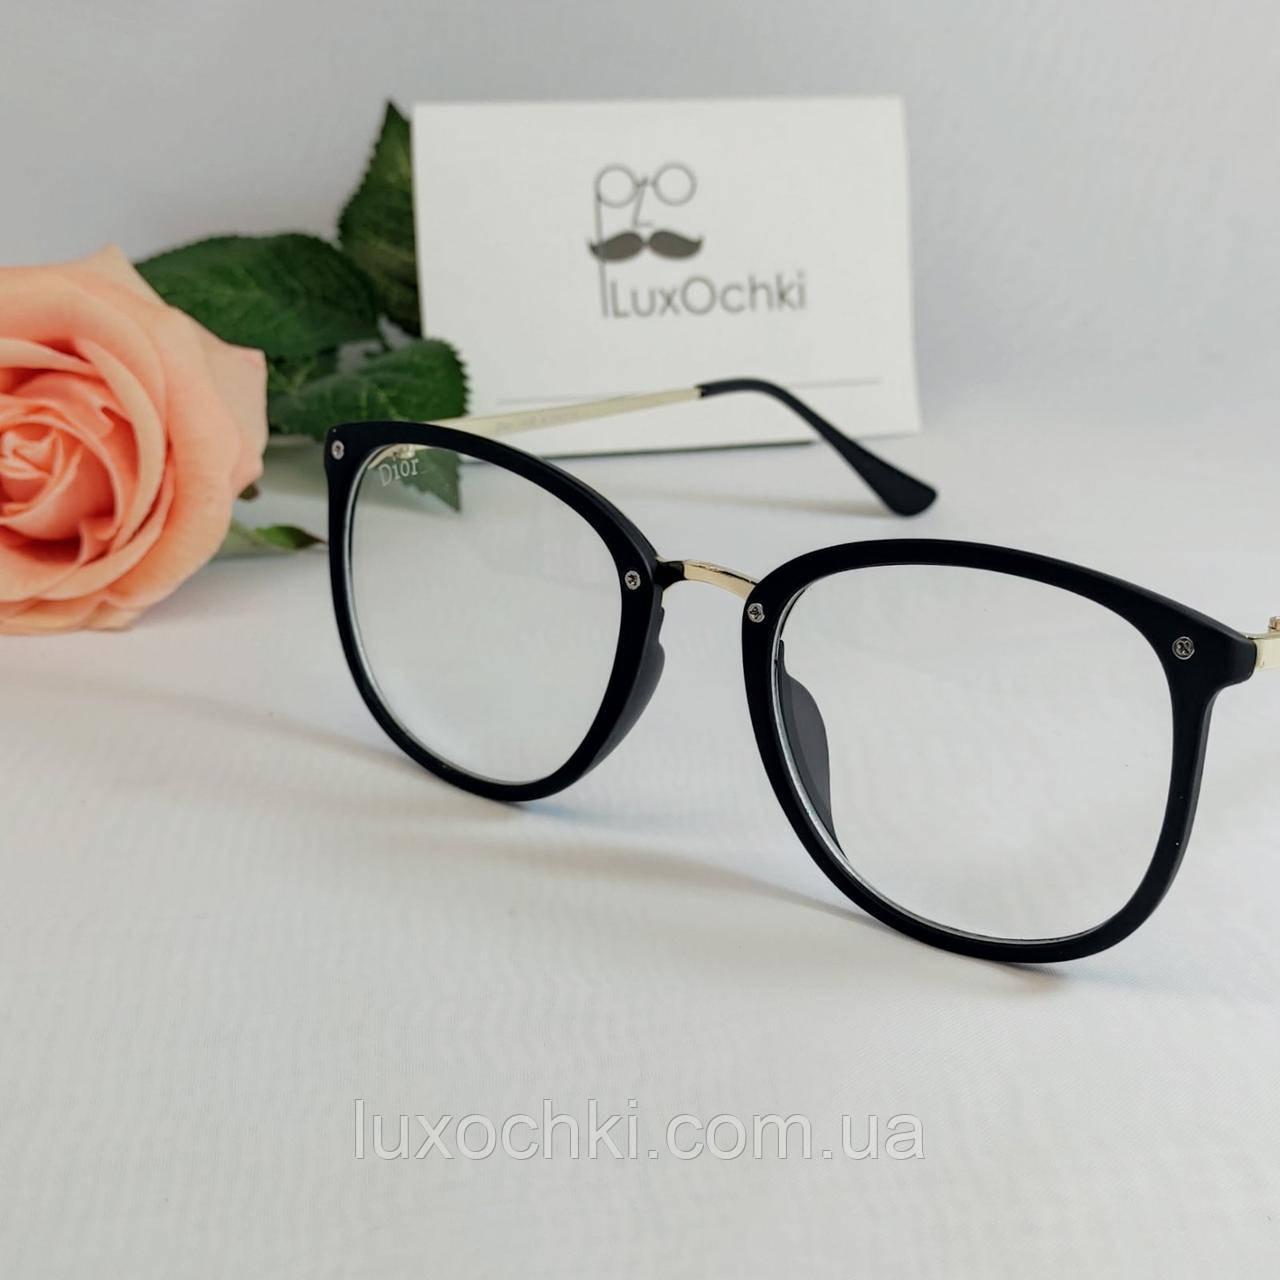 Стильні іміджеві окуляри жіночі